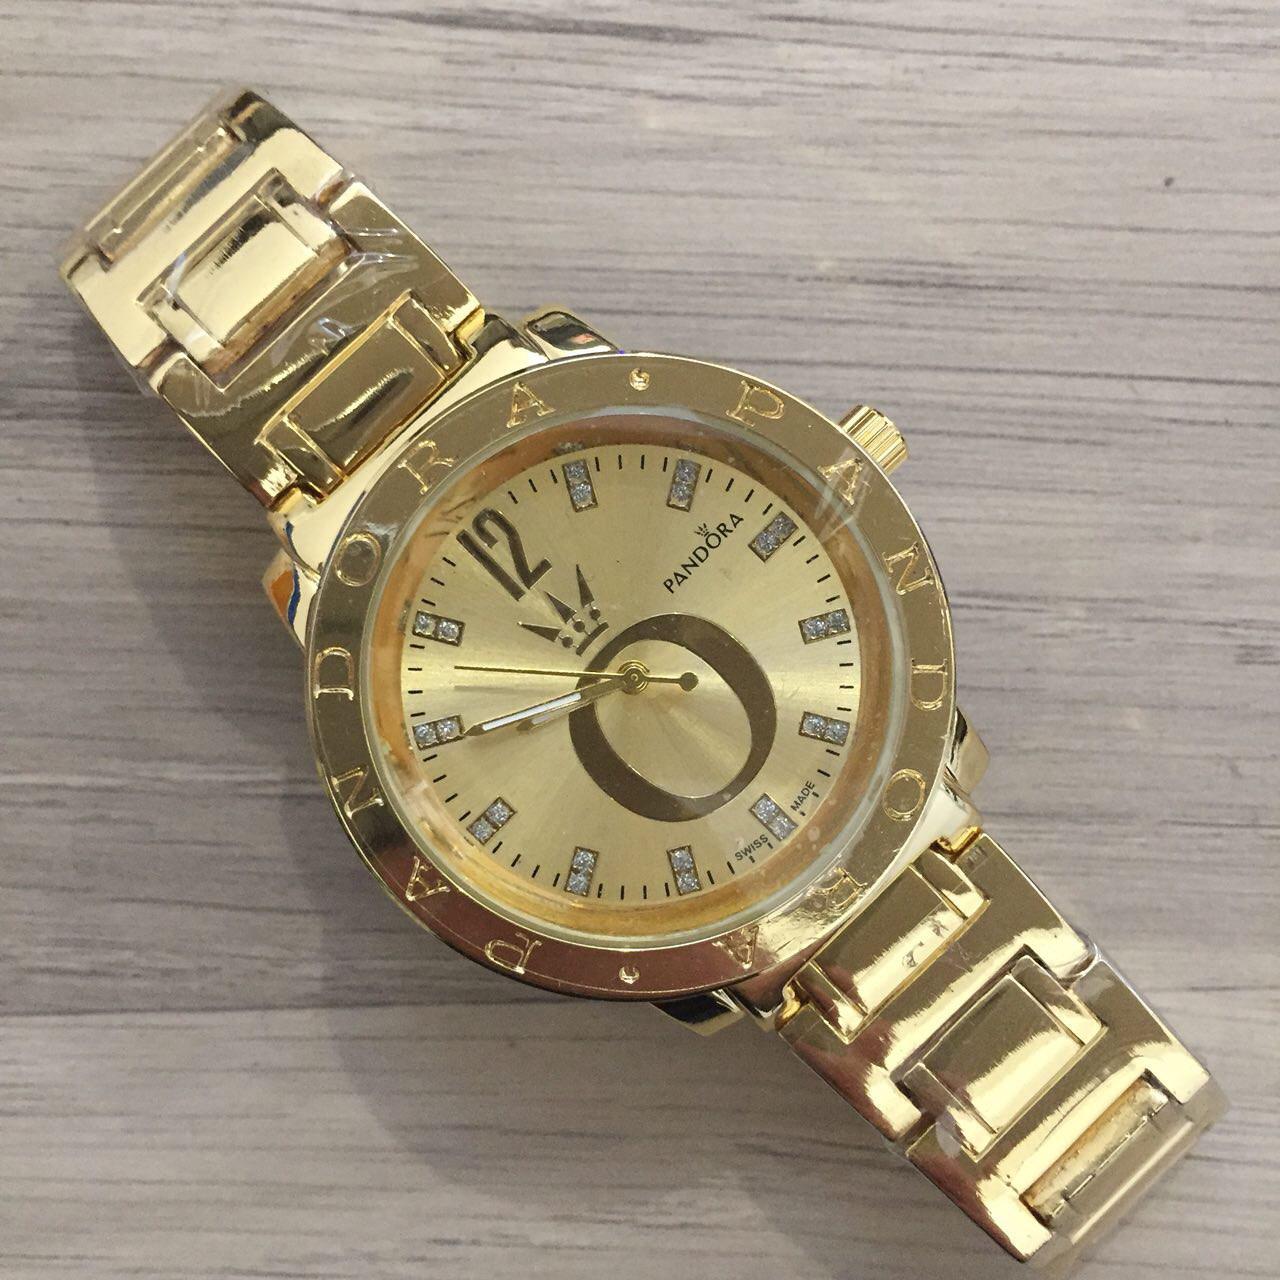 Женские Наручные Часы Pandora (Пандора), Золотой Корпус и Циферблат — в  Категории